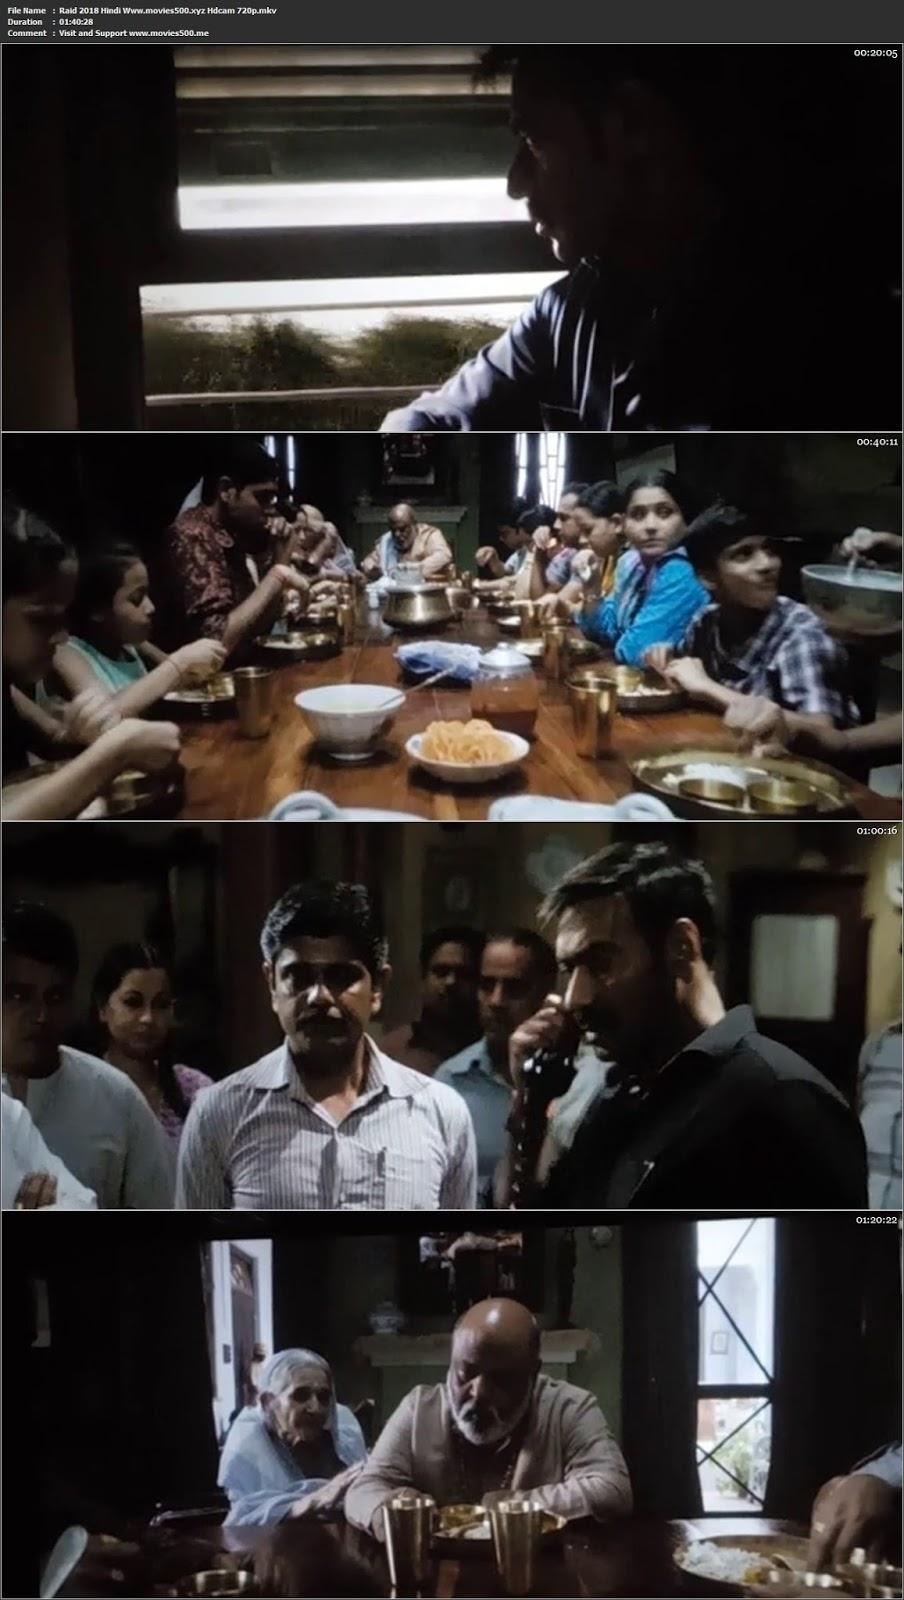 Raid 2018 Hindi pDVDRip Full Movie 720p 600MB at 9966132.com